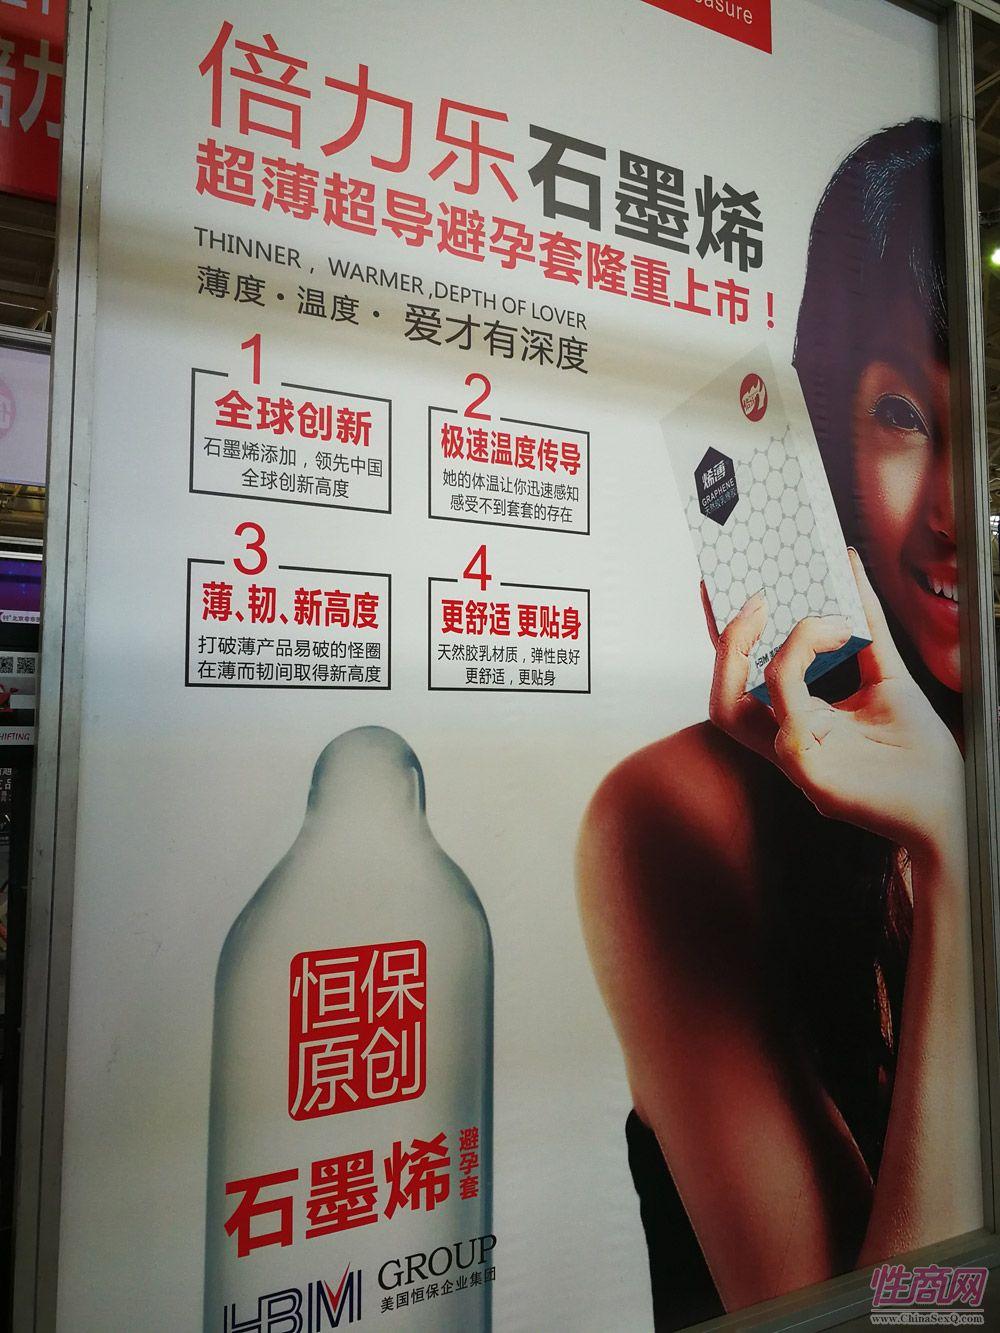 2017中国(武汉)成人展开幕式及展会现场图片25